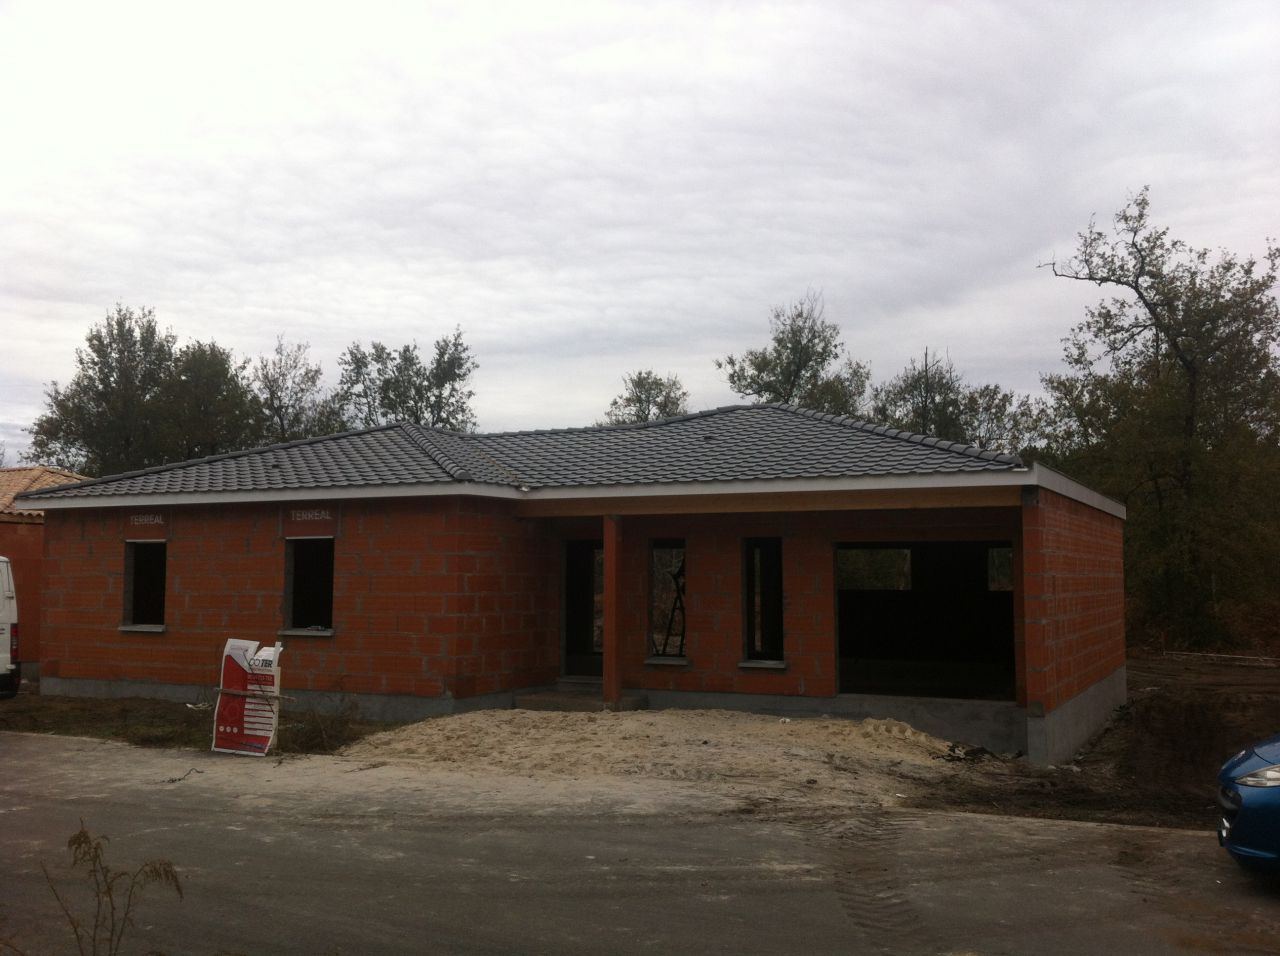 Pose de la charpente maison couverte hors d 39 eau hors d for Prix maison hors d eau hors d air 130m2